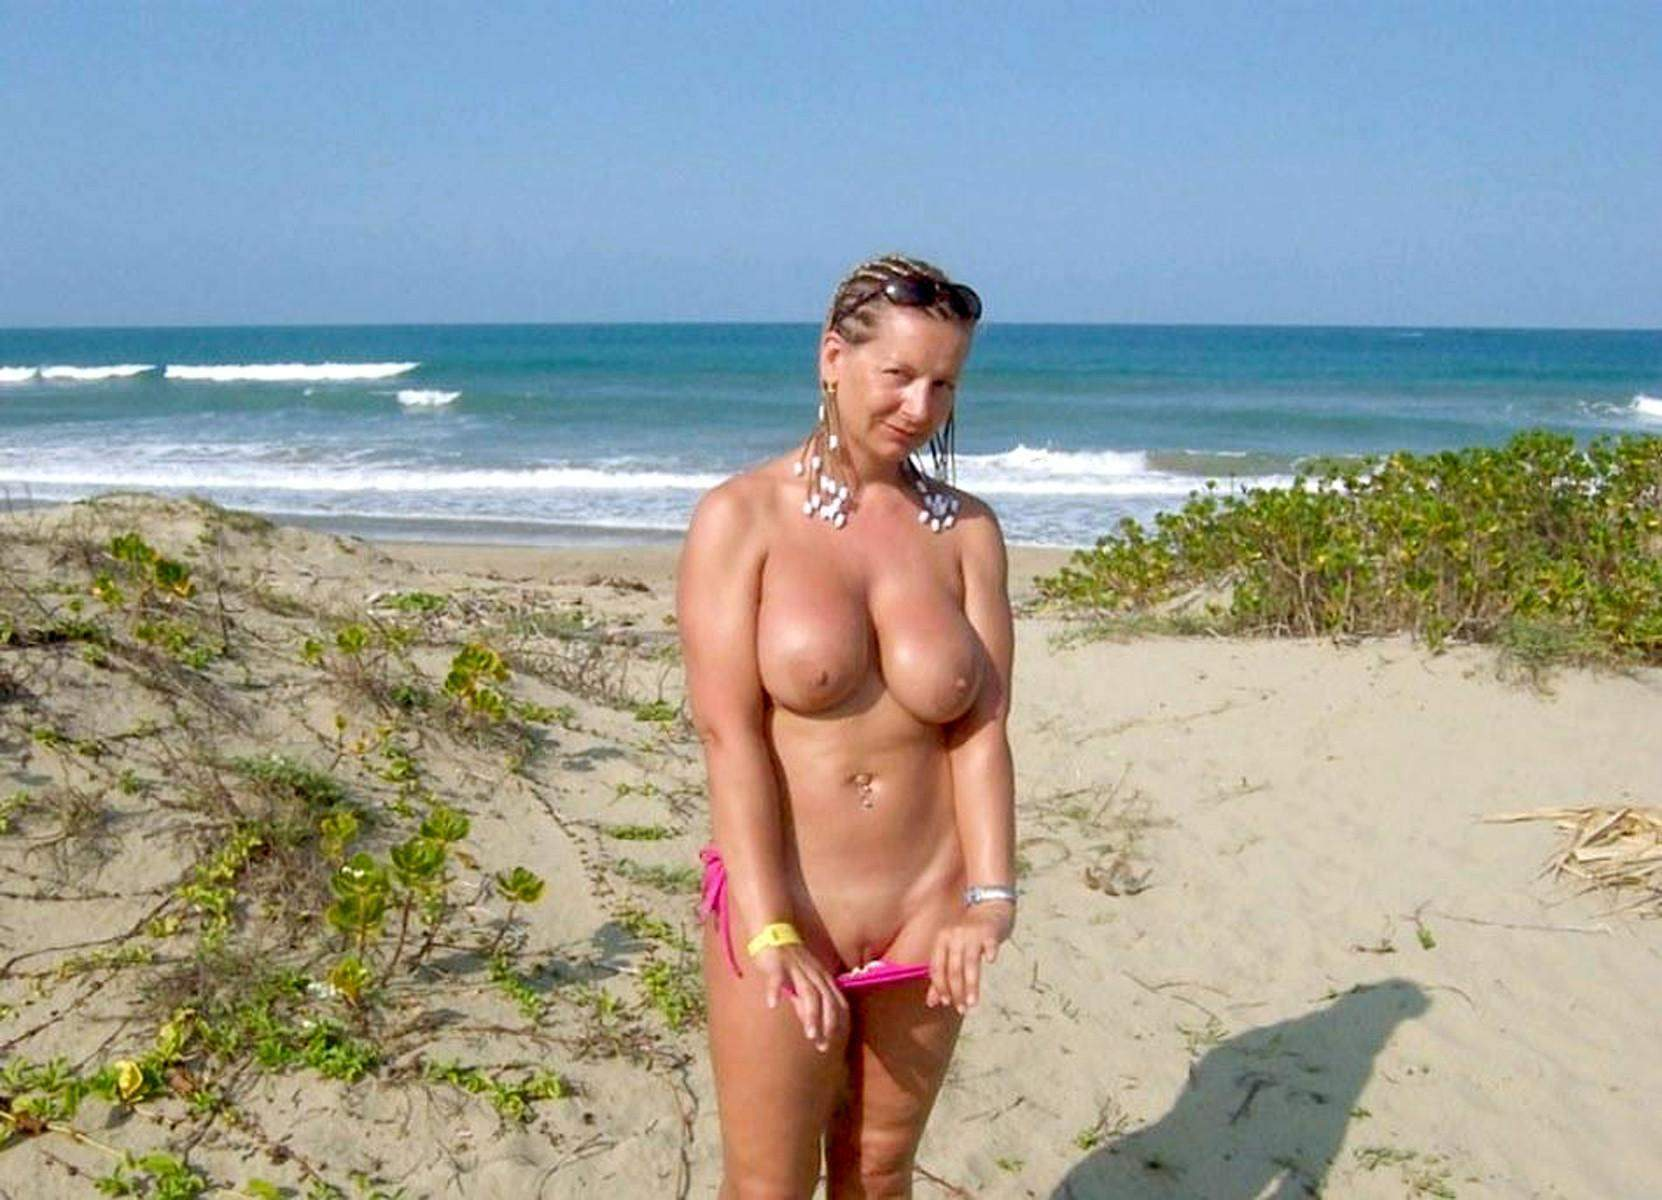 Фото больших сисек нудистов, Лучшие фото нудисток на море 24 фотография